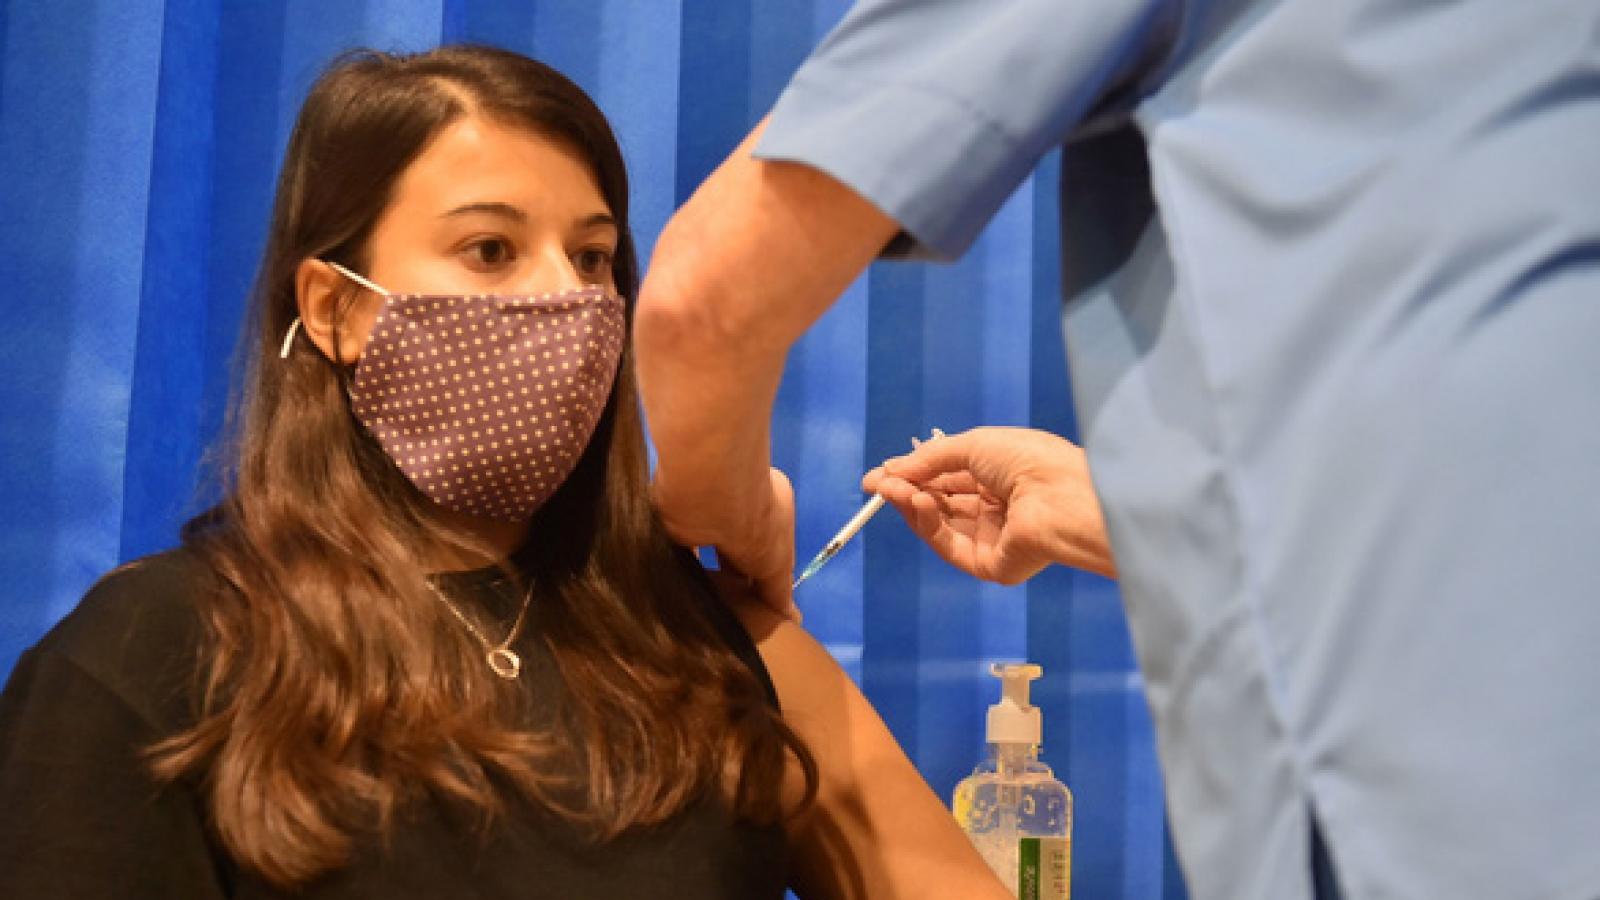 FDA Mỹ khuyến nghị cấp phép sử dụng khẩn cấp vaccine ngừa Covid-19 của Pfizer và BioNTech